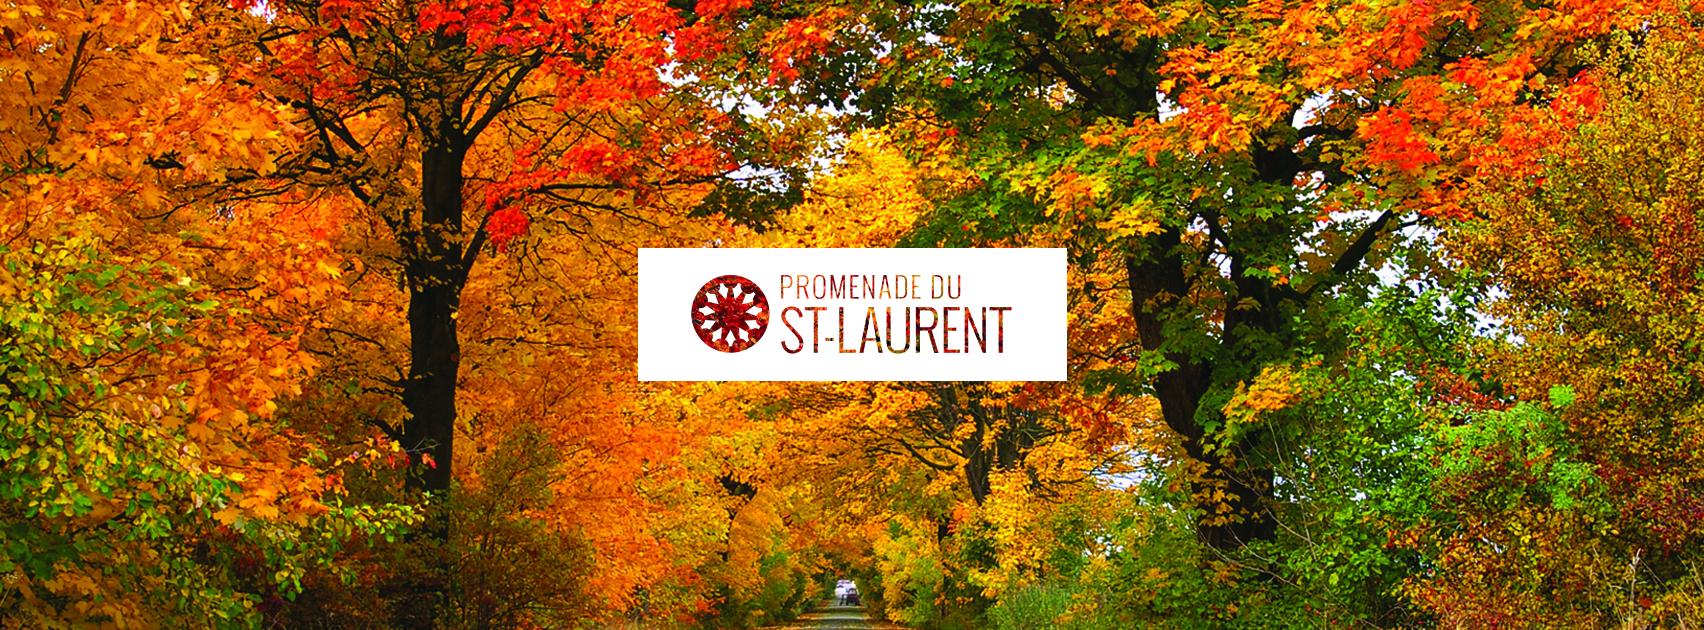 PromenadeStLaurent_bandeauFacebook_automne